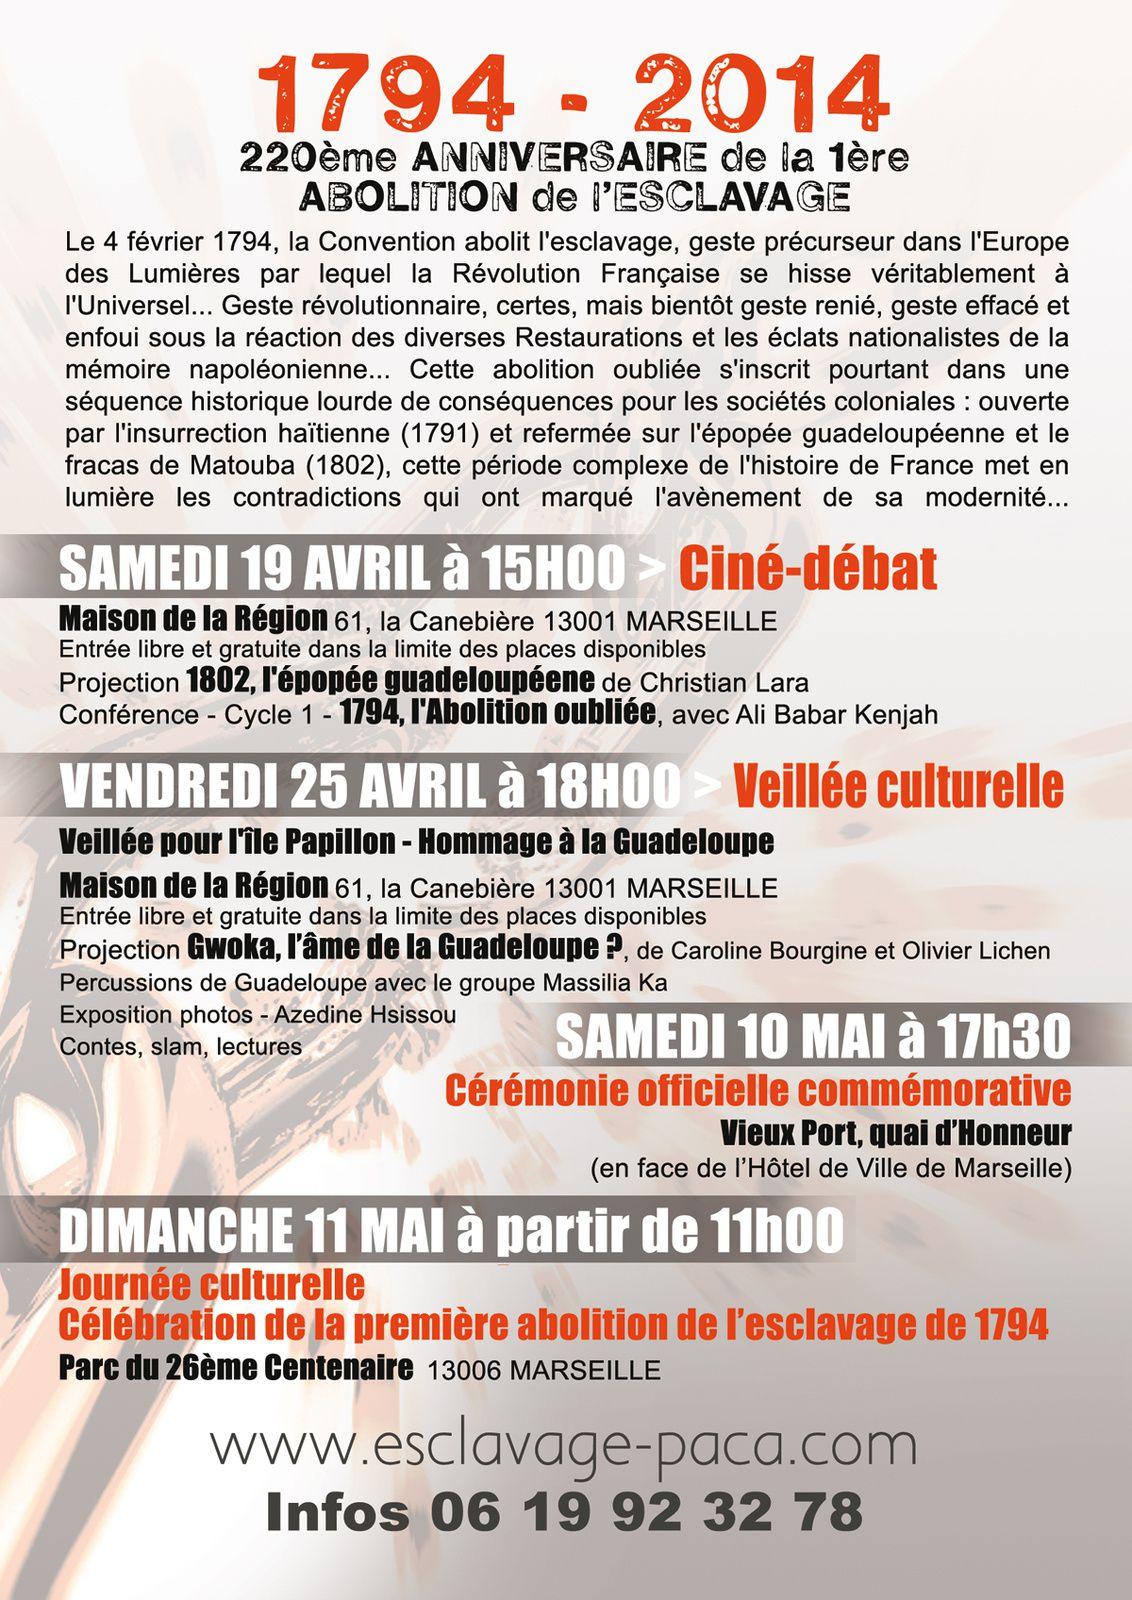 19/04/14 - 1794, l'abolition oubliée, avec Ali Babar Kenjah - Marseille